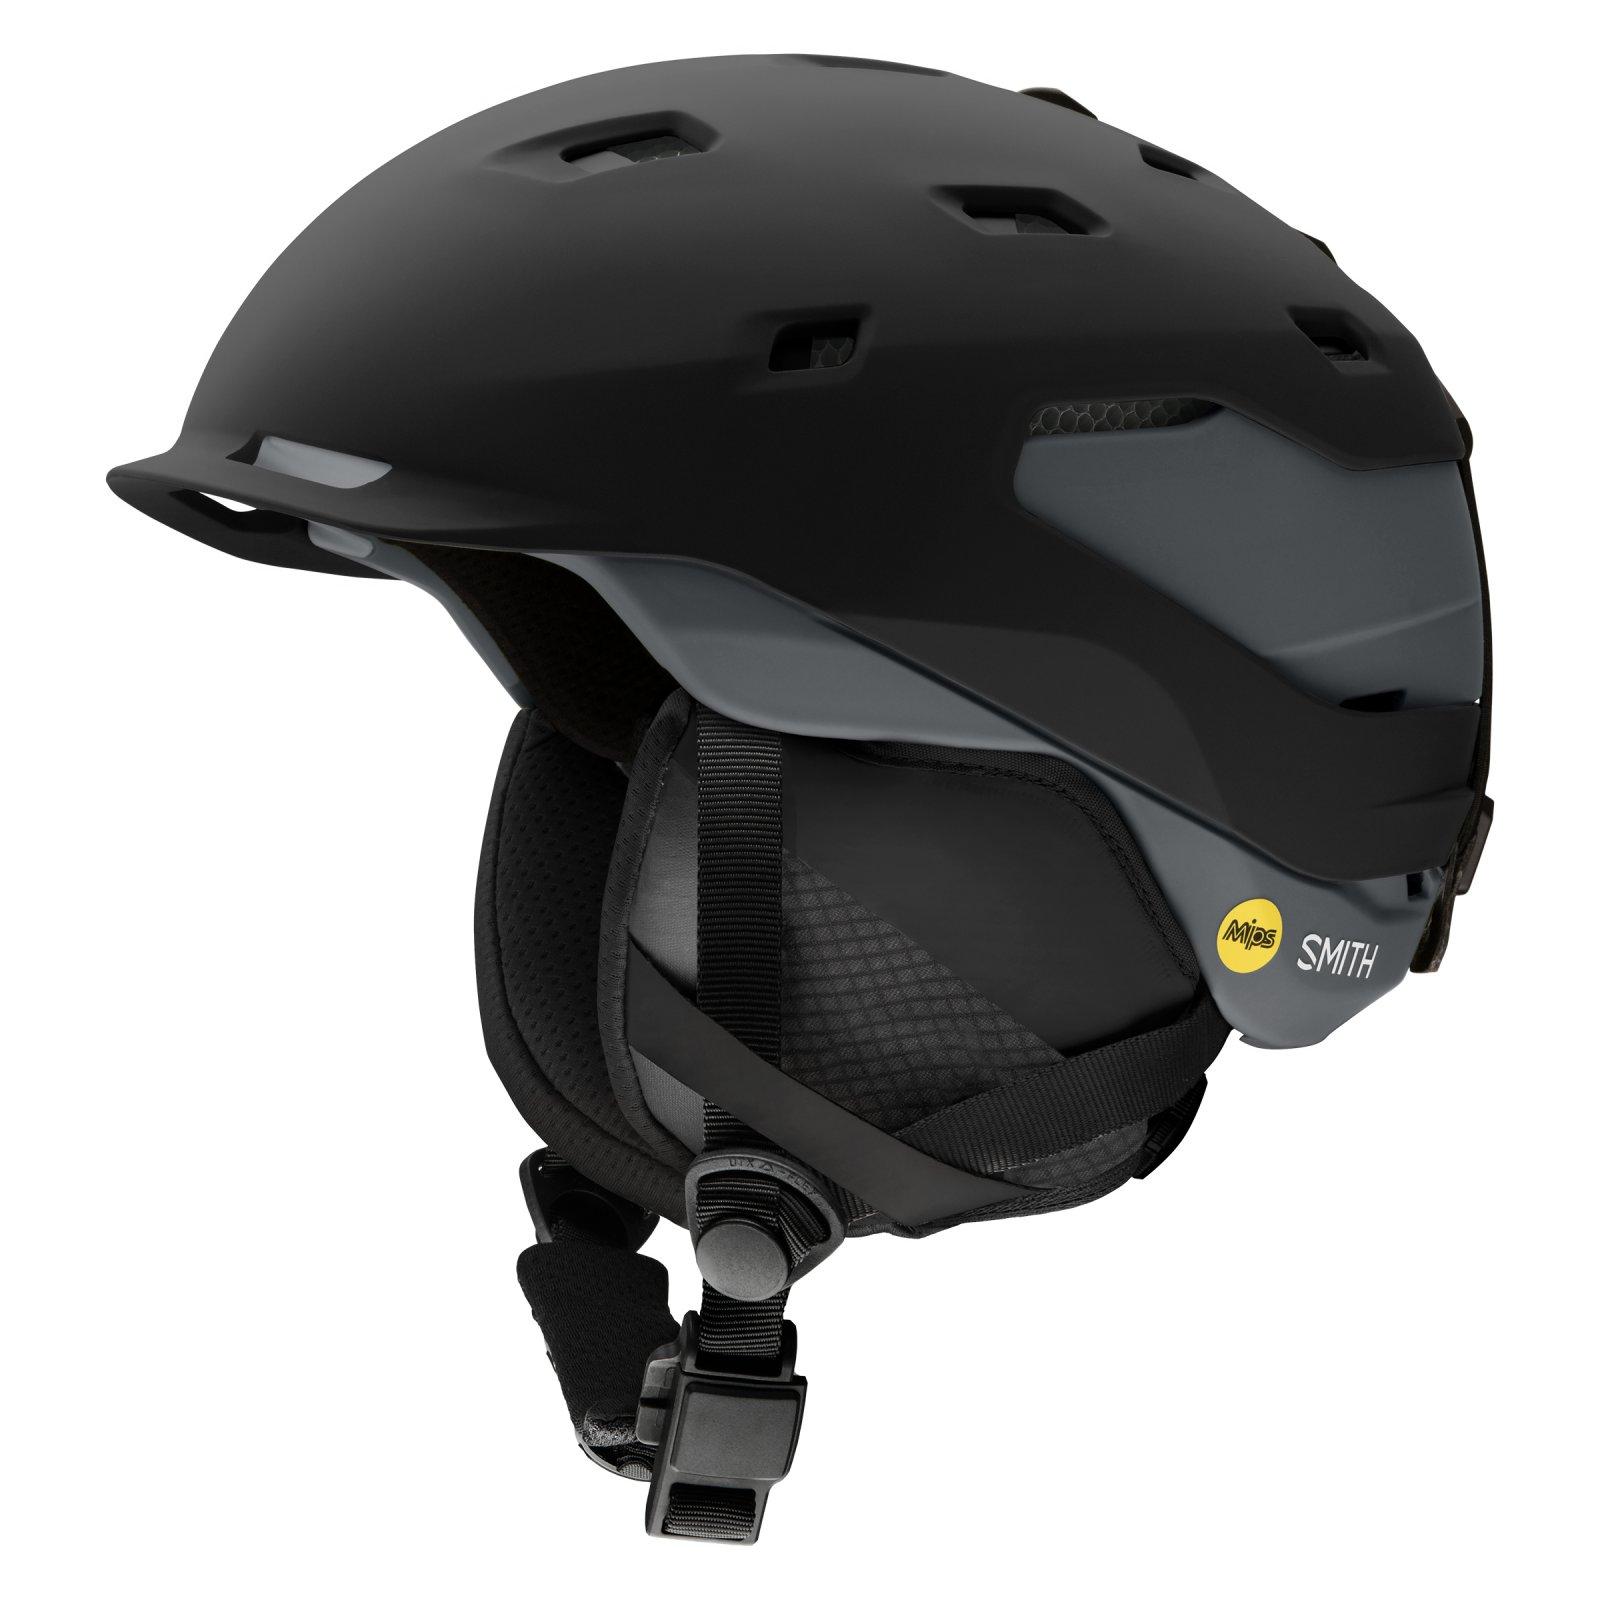 2022 Smith Quantum MIPS Helmet